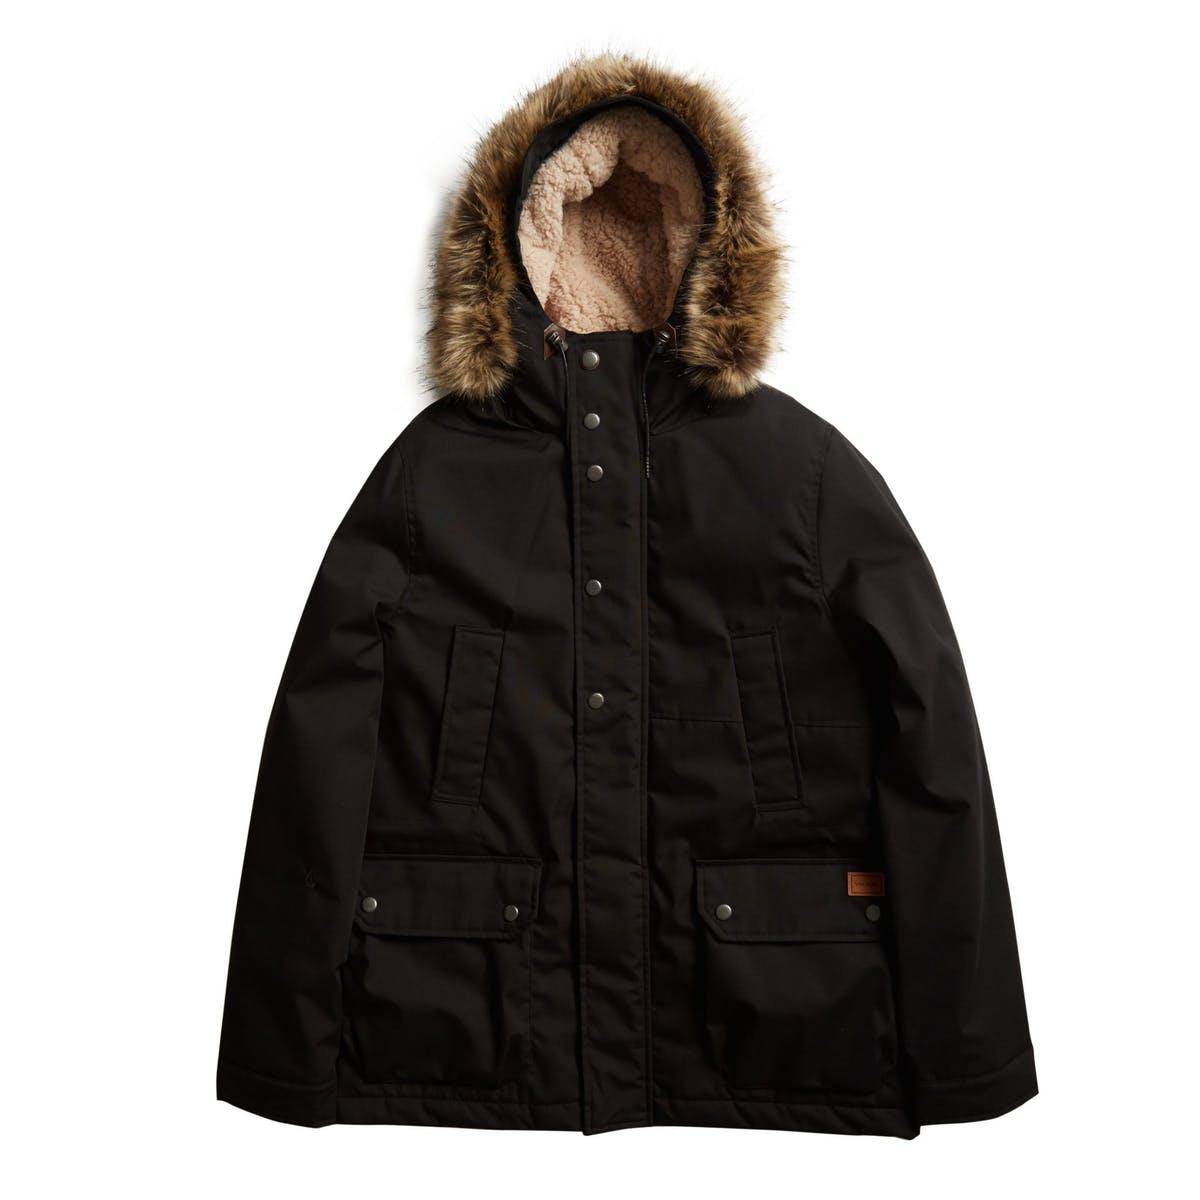 Volcom Lidward Parka Jacket.